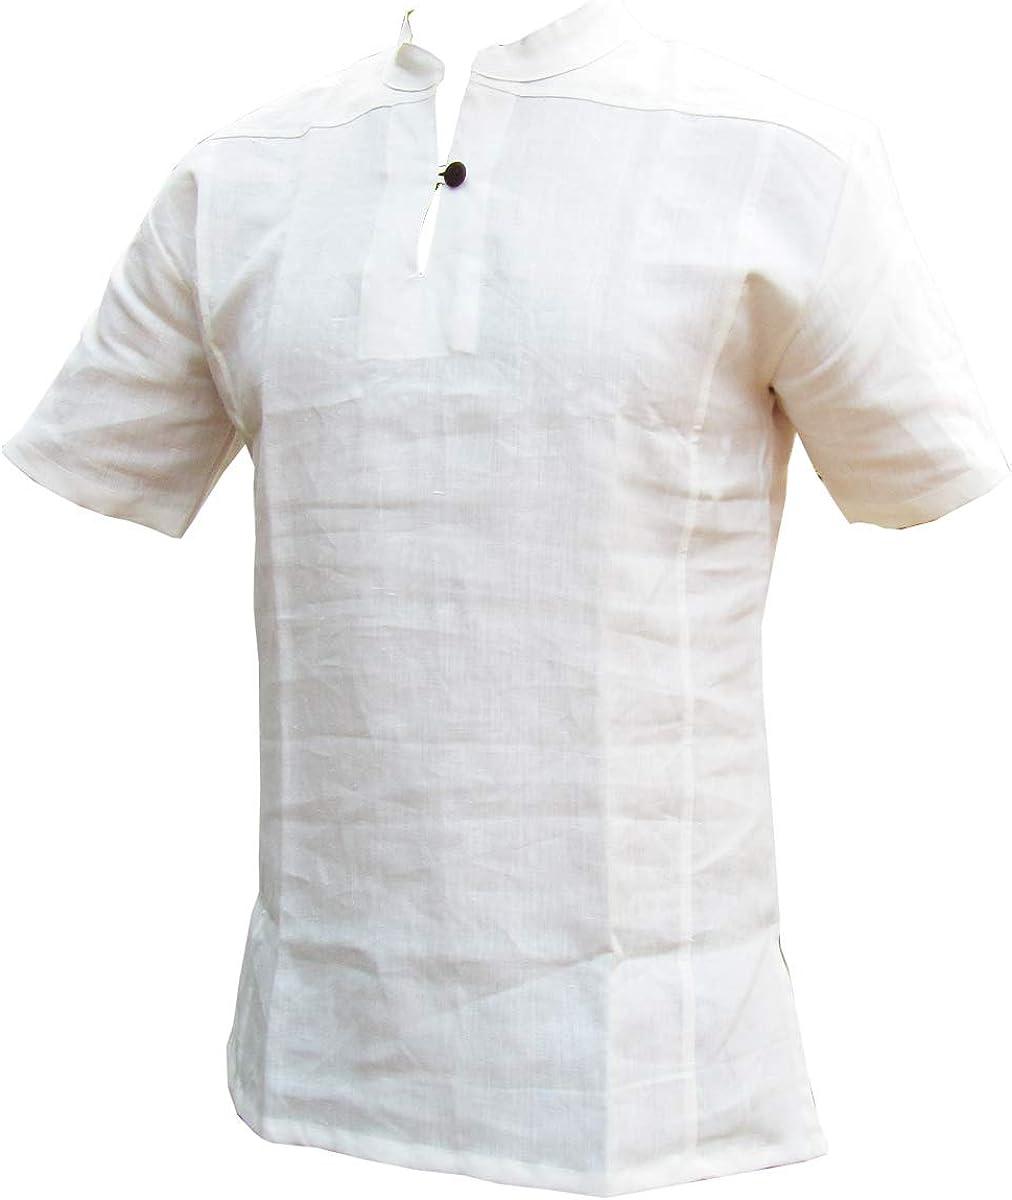 Panasiam - Camisas de cáñamo de pescador, 100% cáñamo natural, en M, L, XL y XXL, primera edición